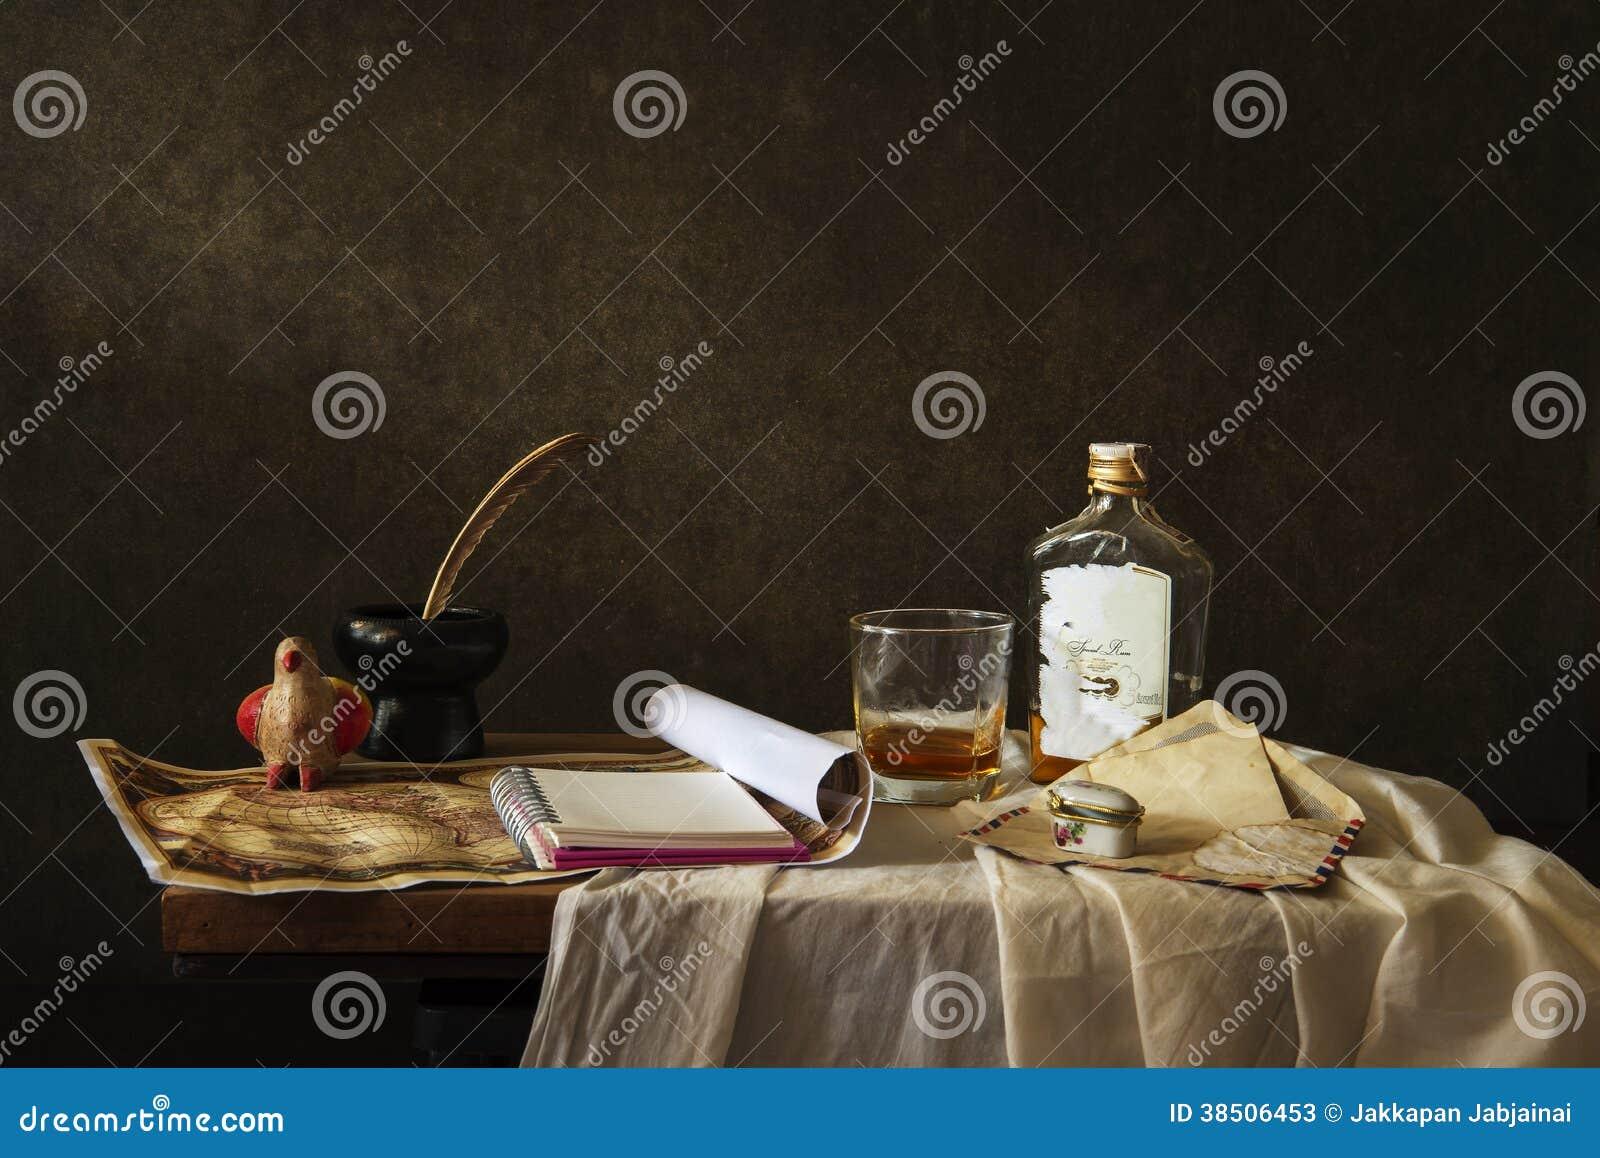 stillleben fotografie mit schreibtisch stockbild bild von tuch trocken 38506453. Black Bedroom Furniture Sets. Home Design Ideas